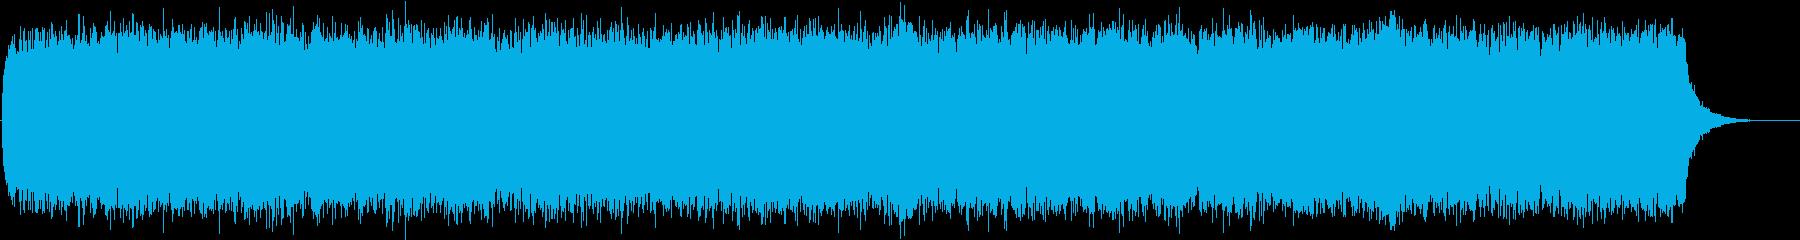 サイエンス歴史ニュースに!妖しい環境音楽の再生済みの波形